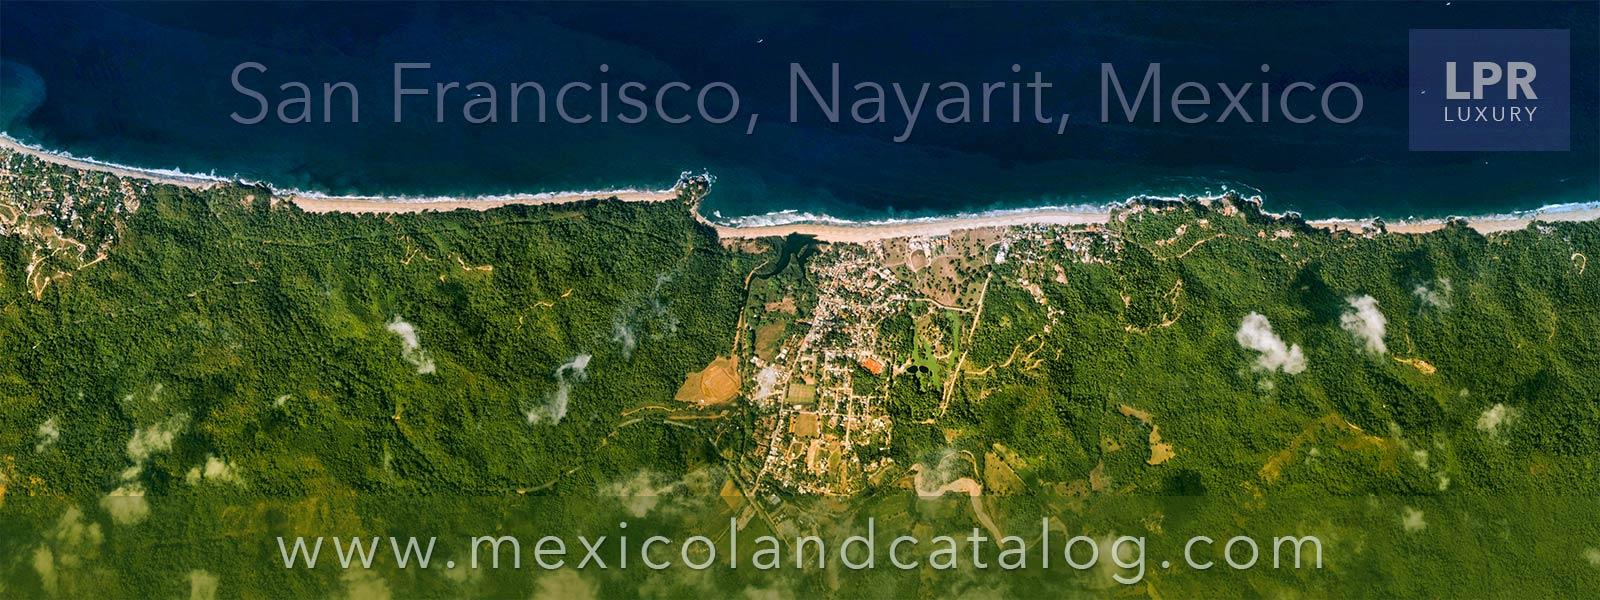 Explore San Pancho, Nayarit, Mexico